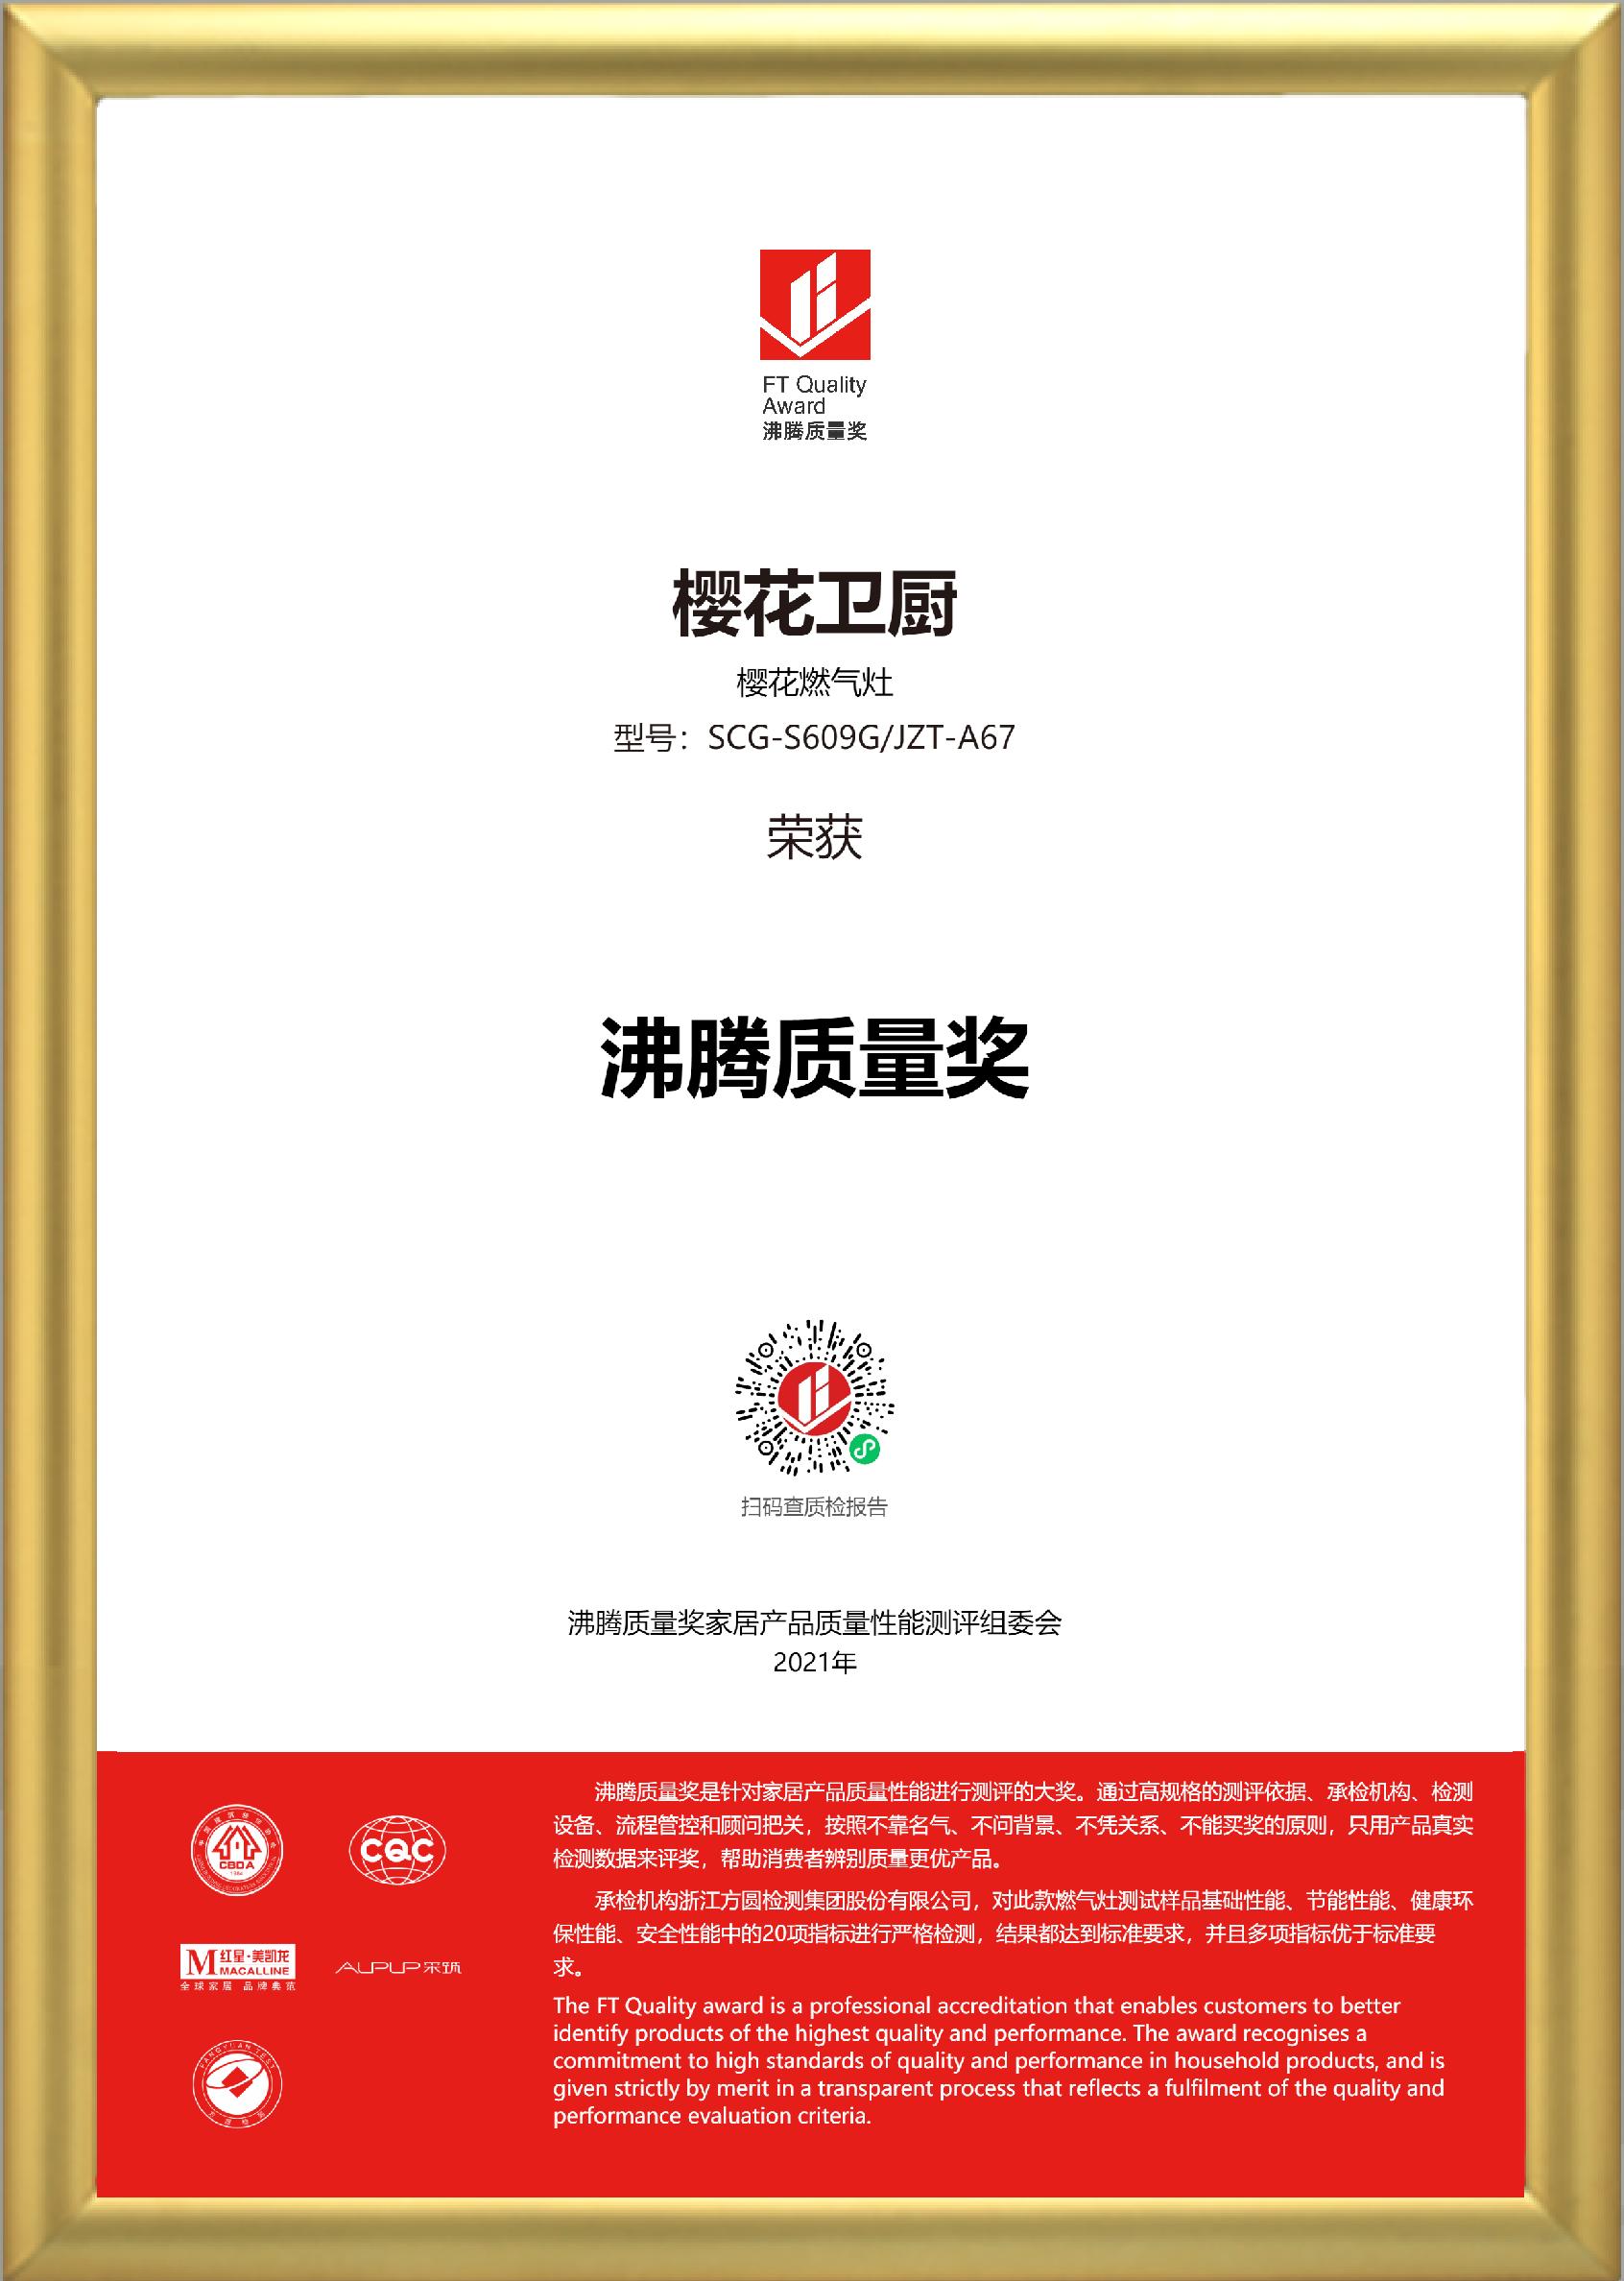 金框加持-获奖证书-樱花卫厨-燃气灶-SCG-S609G_JZT-A67.png